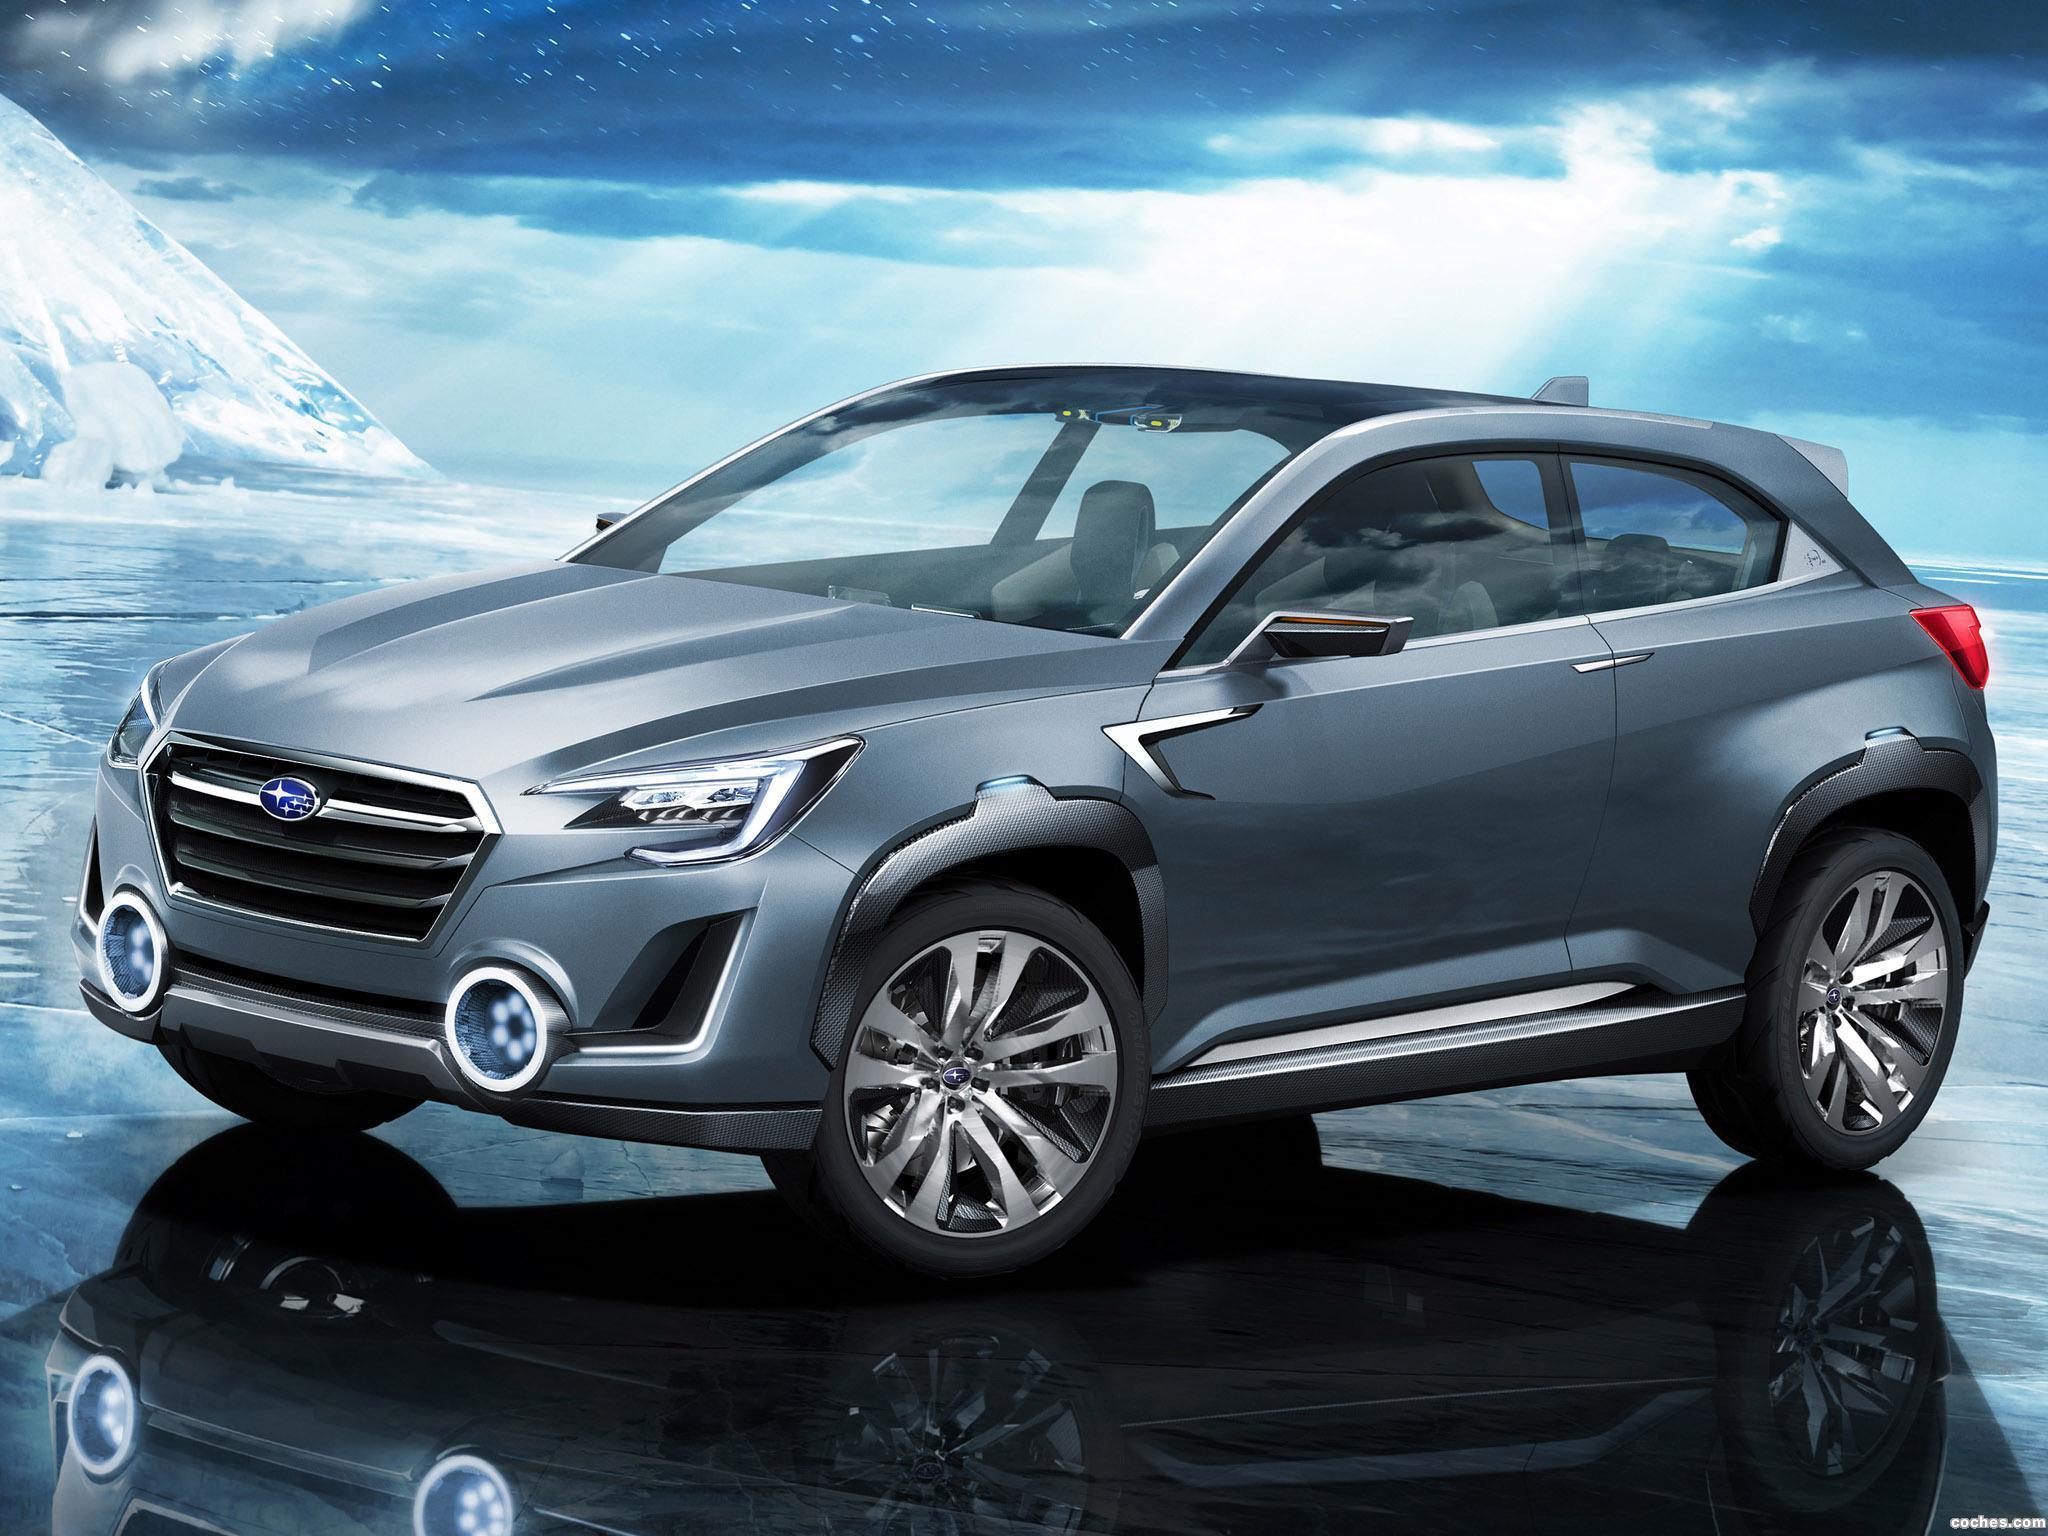 Foto 0 de Subaru Viziv 2 Concept 2014